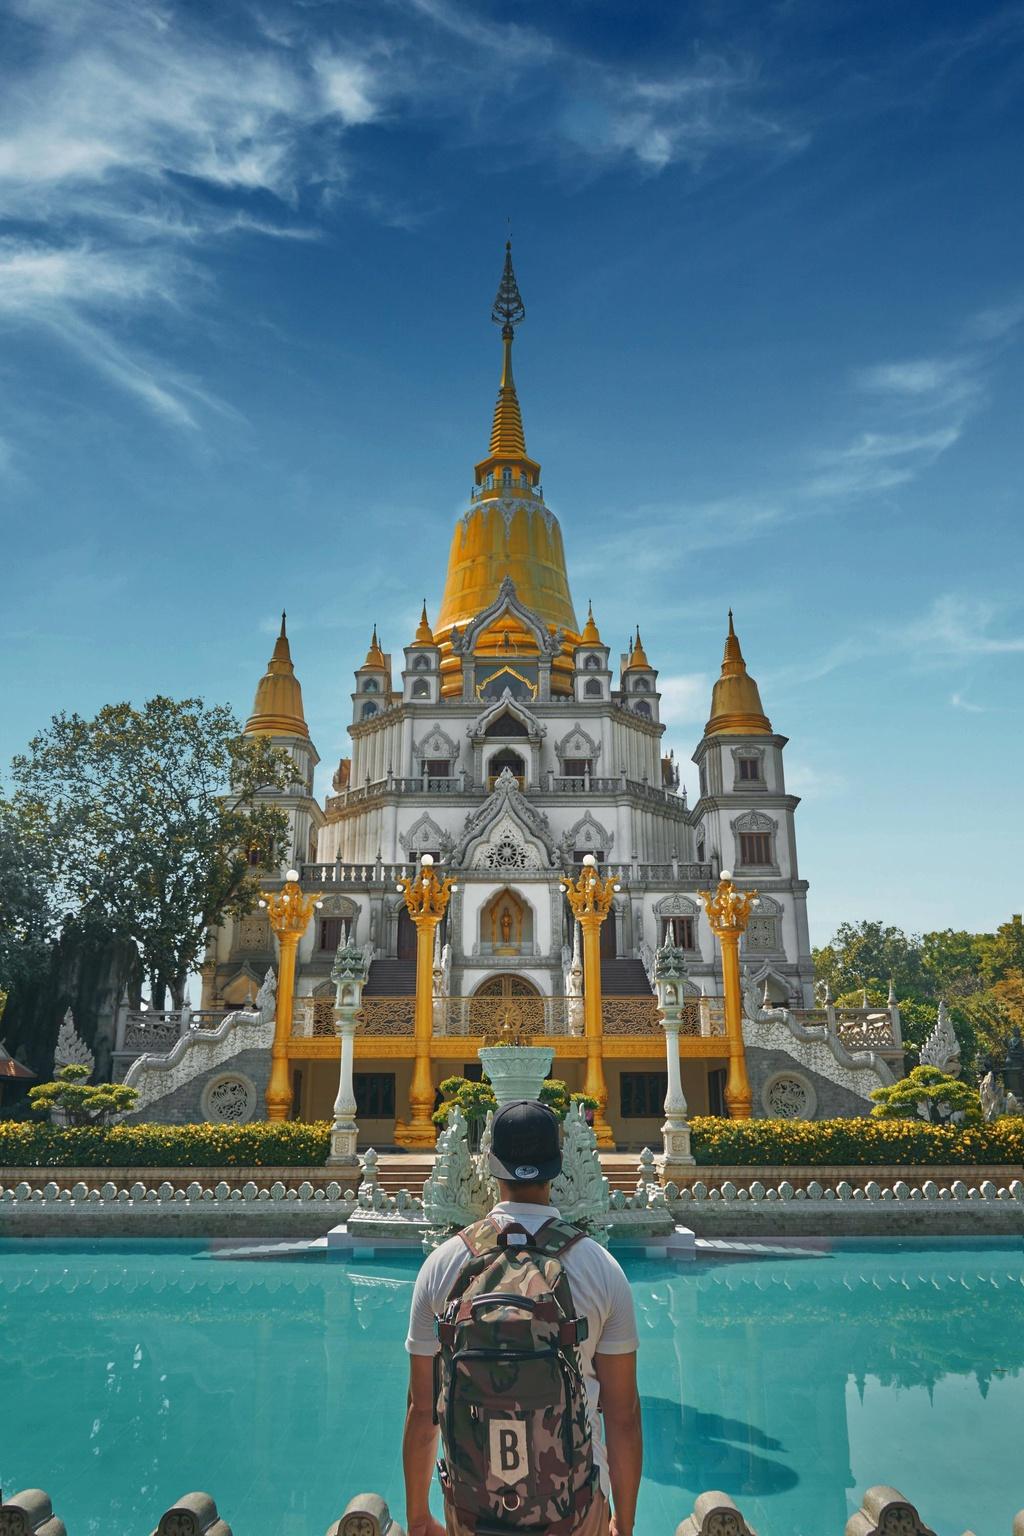 Cách trung tâm TP.HCM khoảng 20 km, chùa Bửu Long (TP.HCM) được xây dựng theo lối kiến trúc của các chùa ở Thái Lan. Ngôi chùa ven sông này nổi bật với những con rồng được chạm khắc tinh xảo, hồ nước màu ngọc lam phản chiếu bức tường trắng và ngọn bảo tháp vàng. Điểm đến từng được xướng tên trong danh sách 20 ngôi chùa đẹp nhất thế giới. Check-in ở đây, nhiều người sẽ lầm tưởng bạn đang lạc ở xứ sở Chùa Vàng. Ảnh: Dimotngaydang.